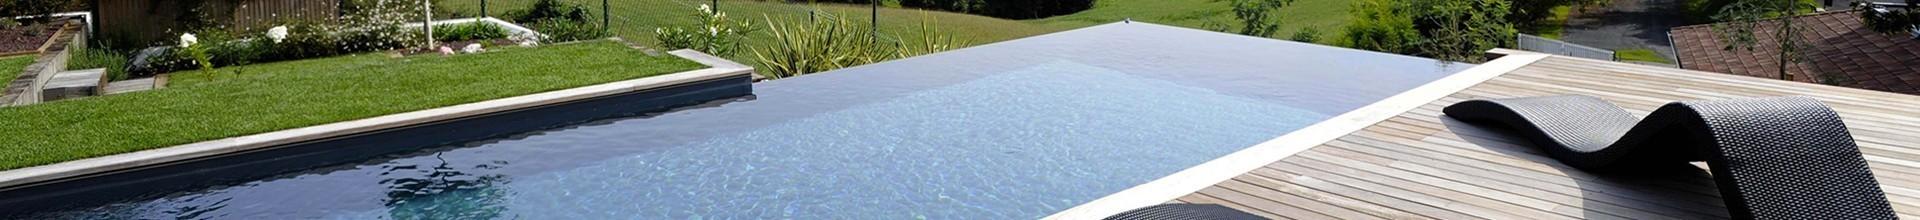 Hérault Occitanie nettoyage d'une piscine en béton, robuste, durable